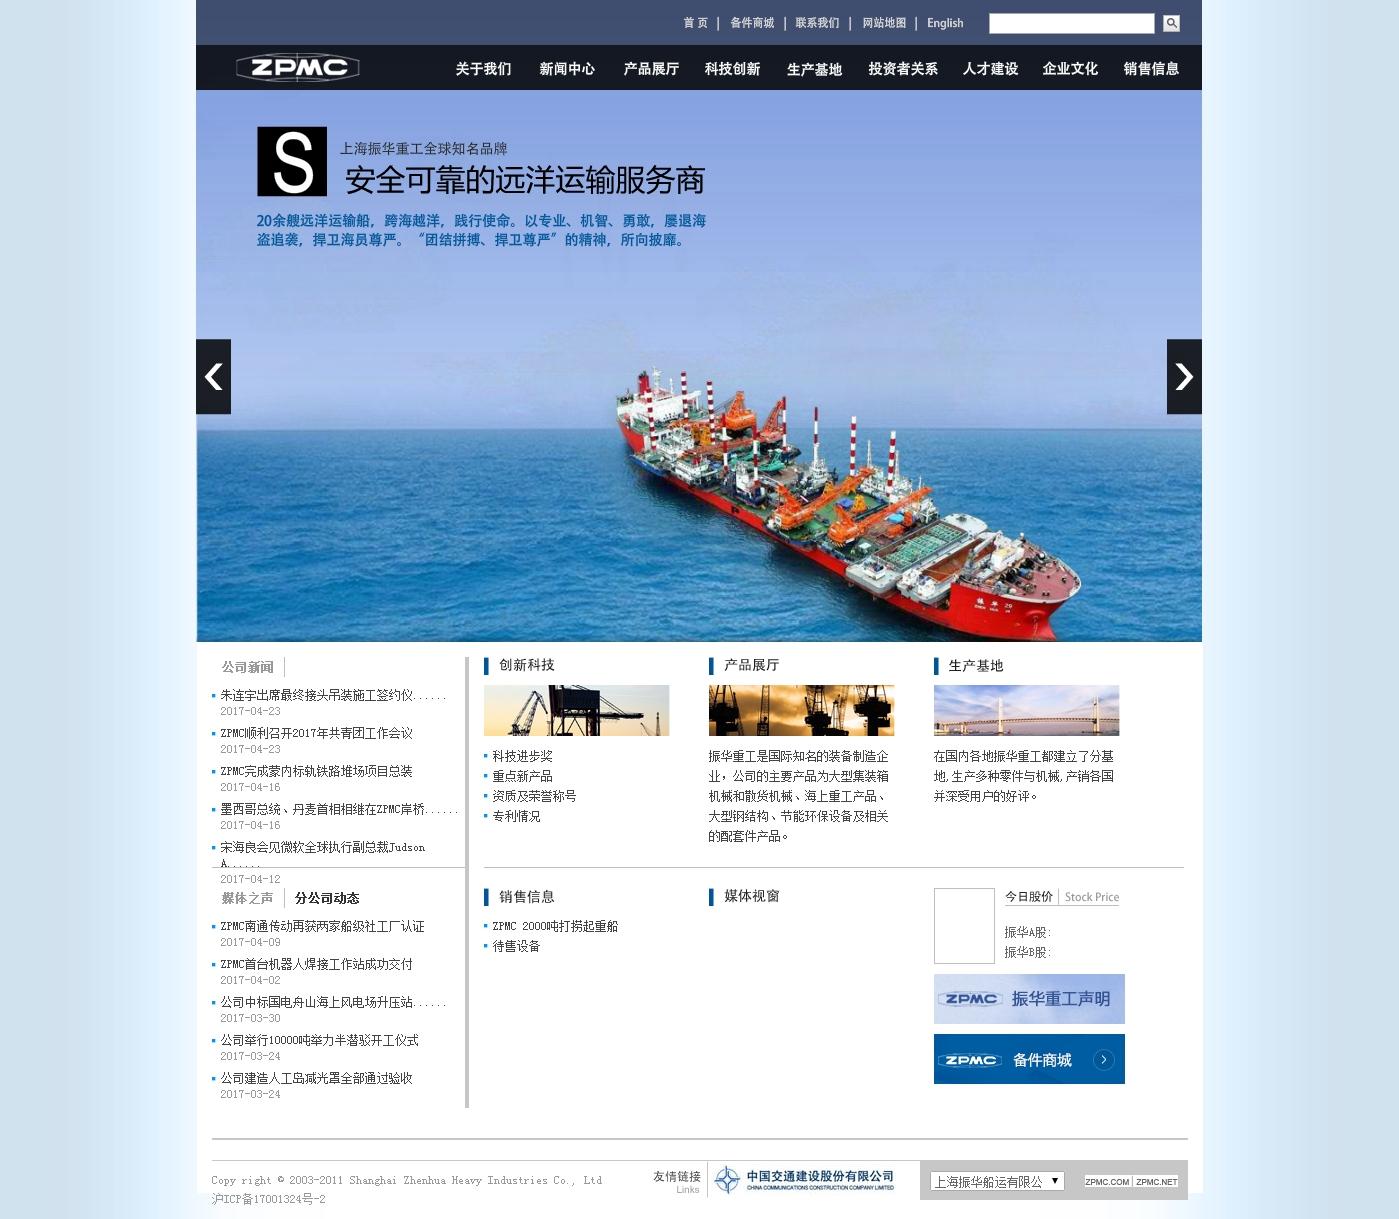 上海振华重工(集团)股份有限公司